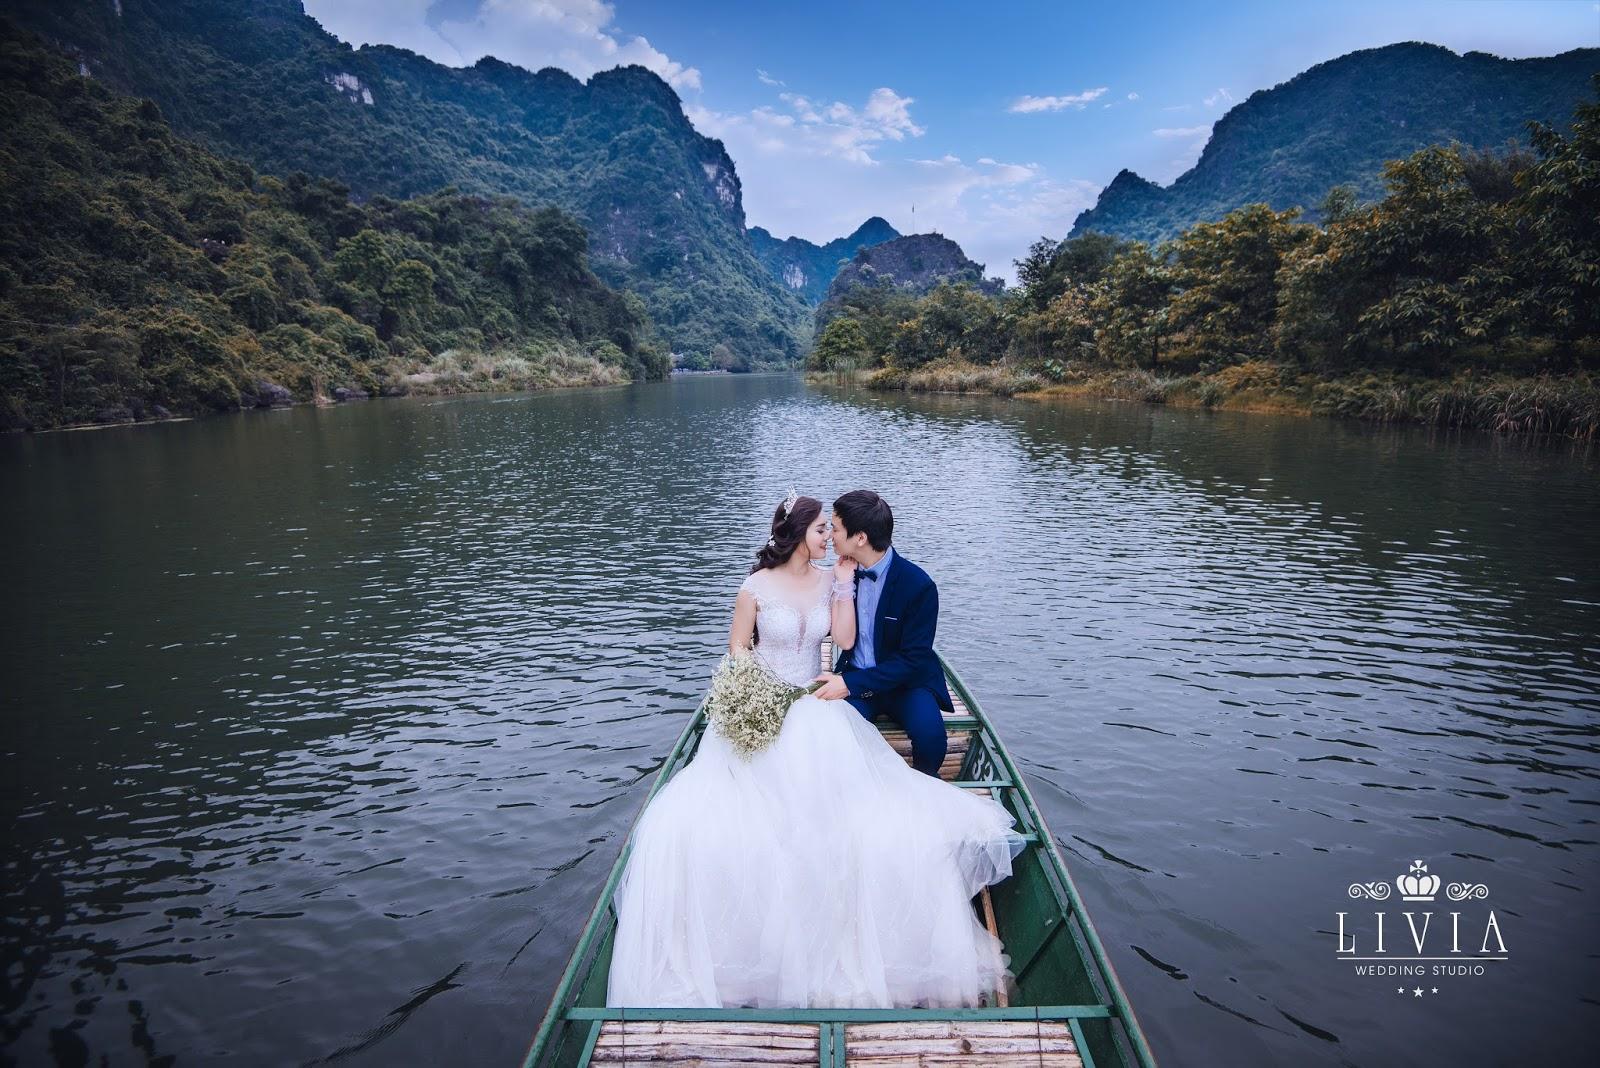 Địa điểm chụp ảnh cưới đẹp - Tràng An Ninh Bình